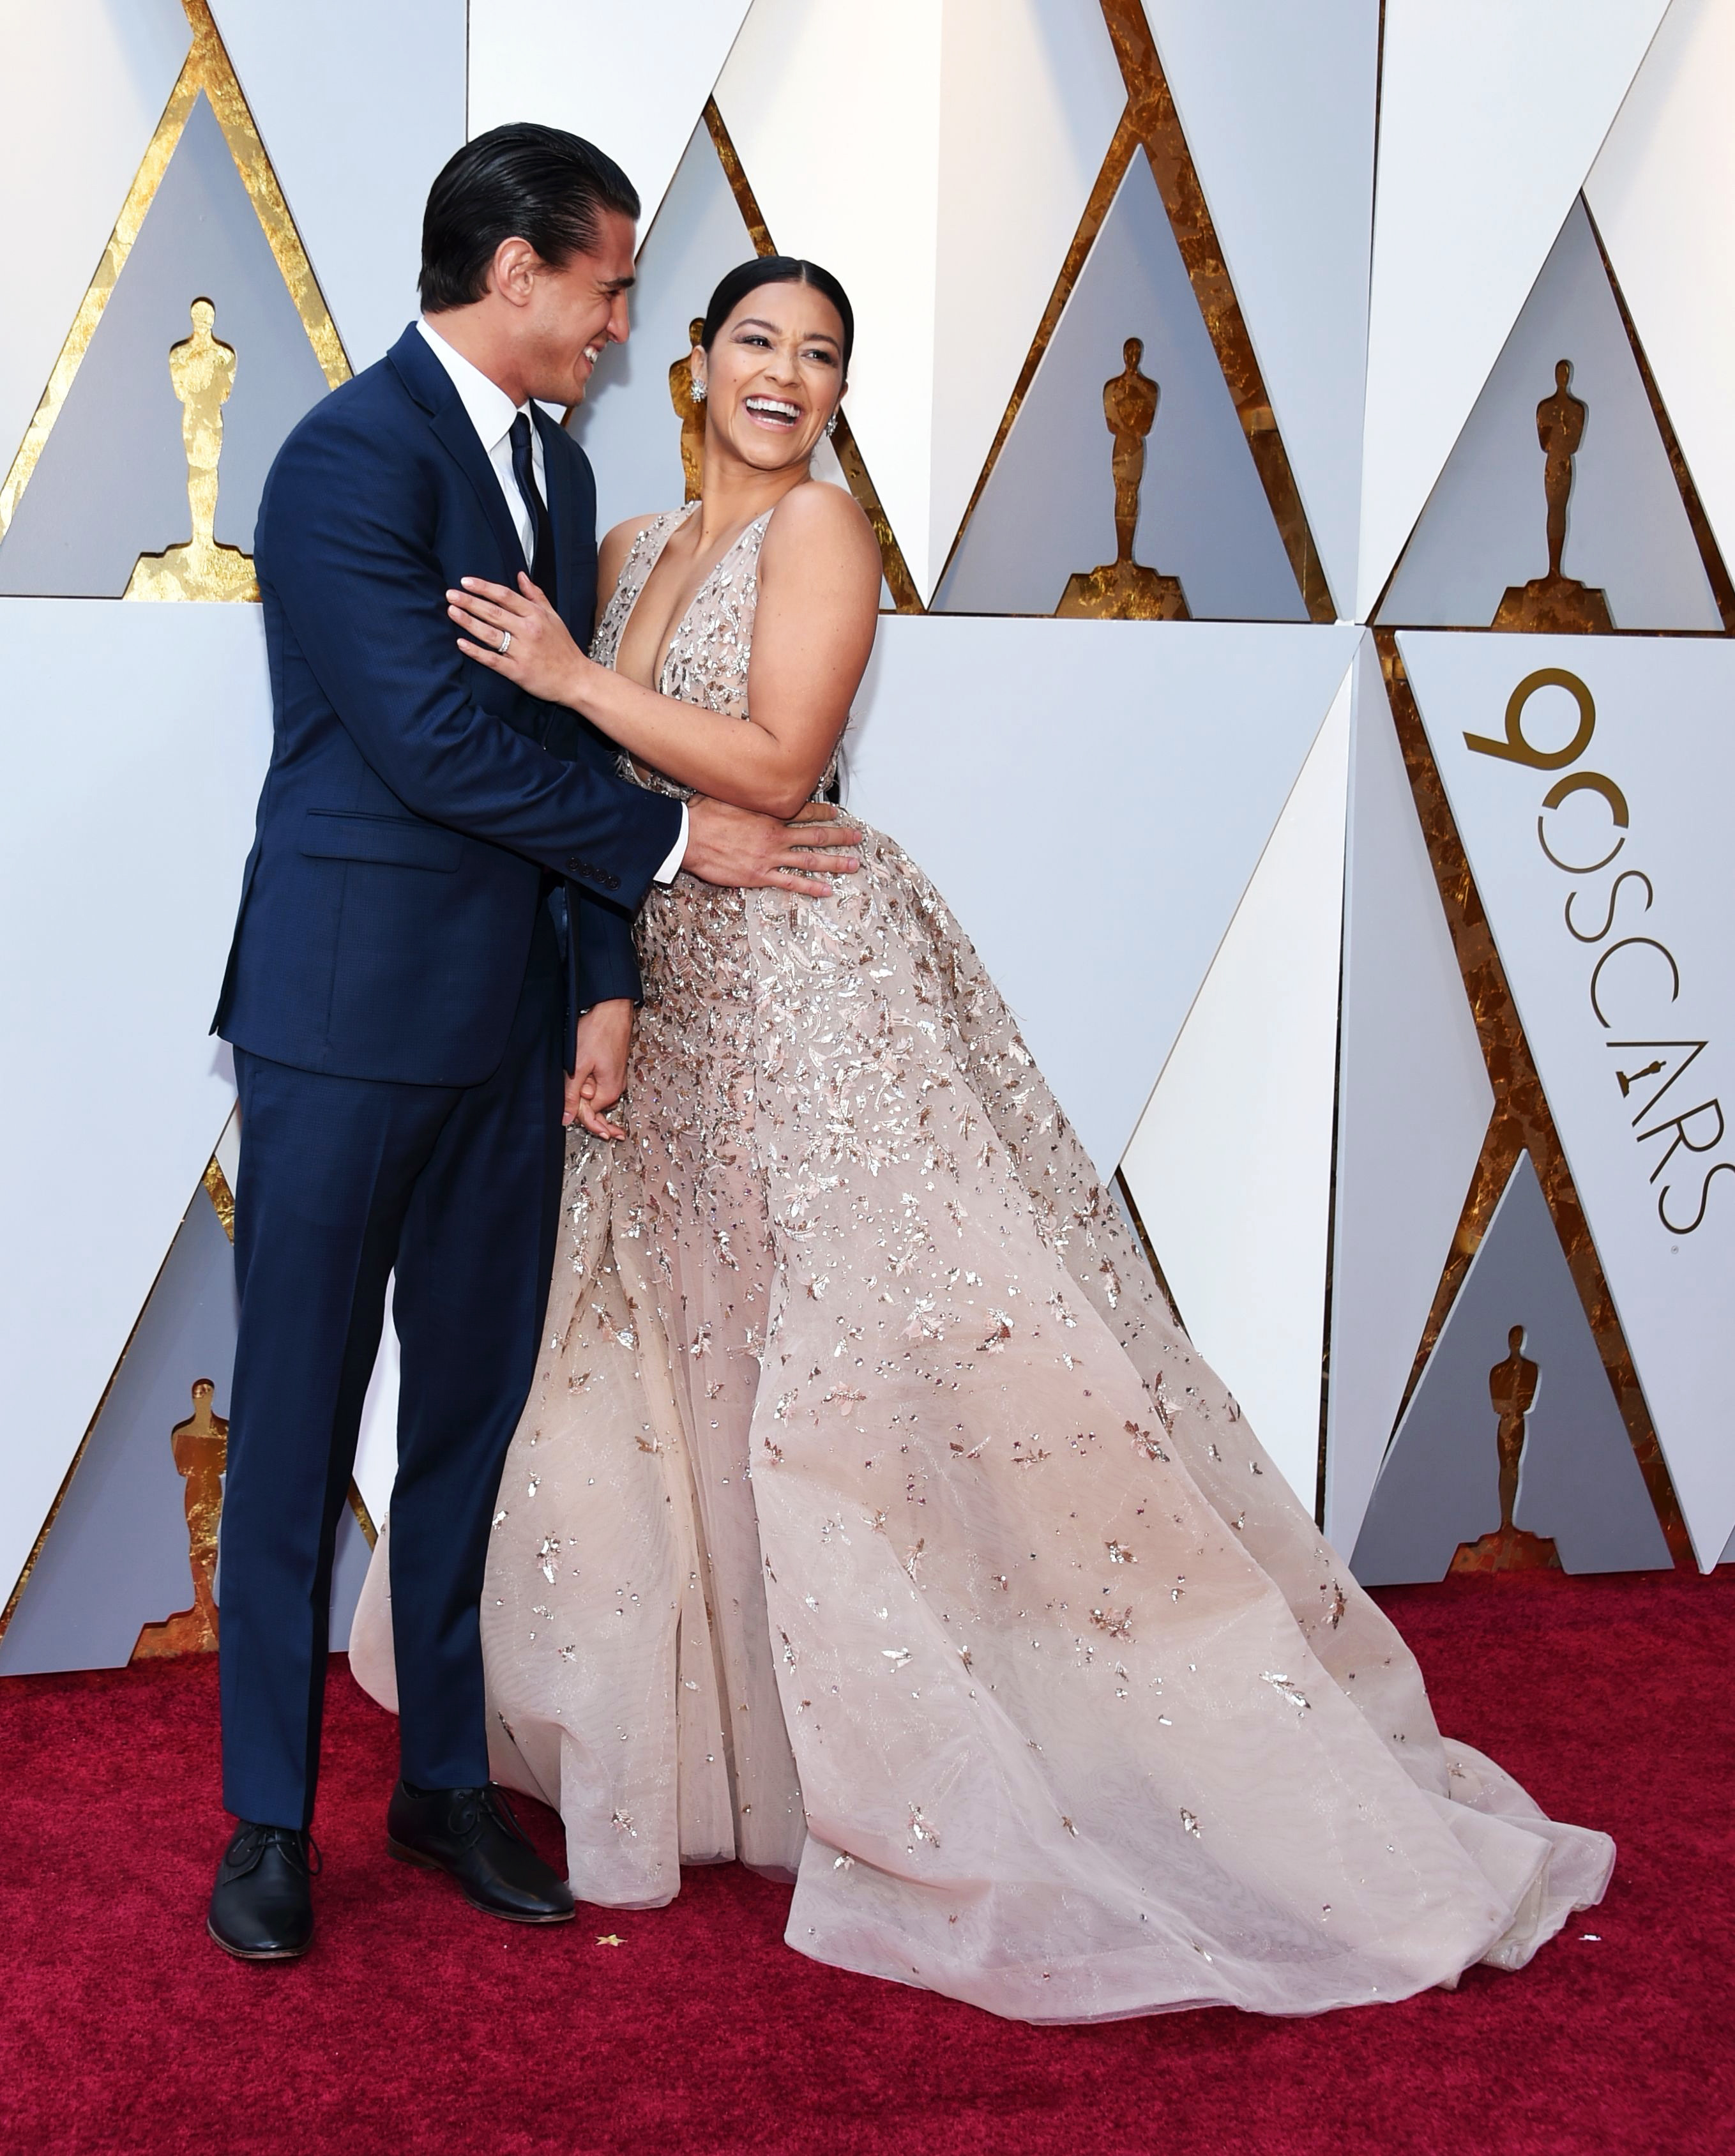 Gina Rodriguez and Joe Locicero 2018 Oscars